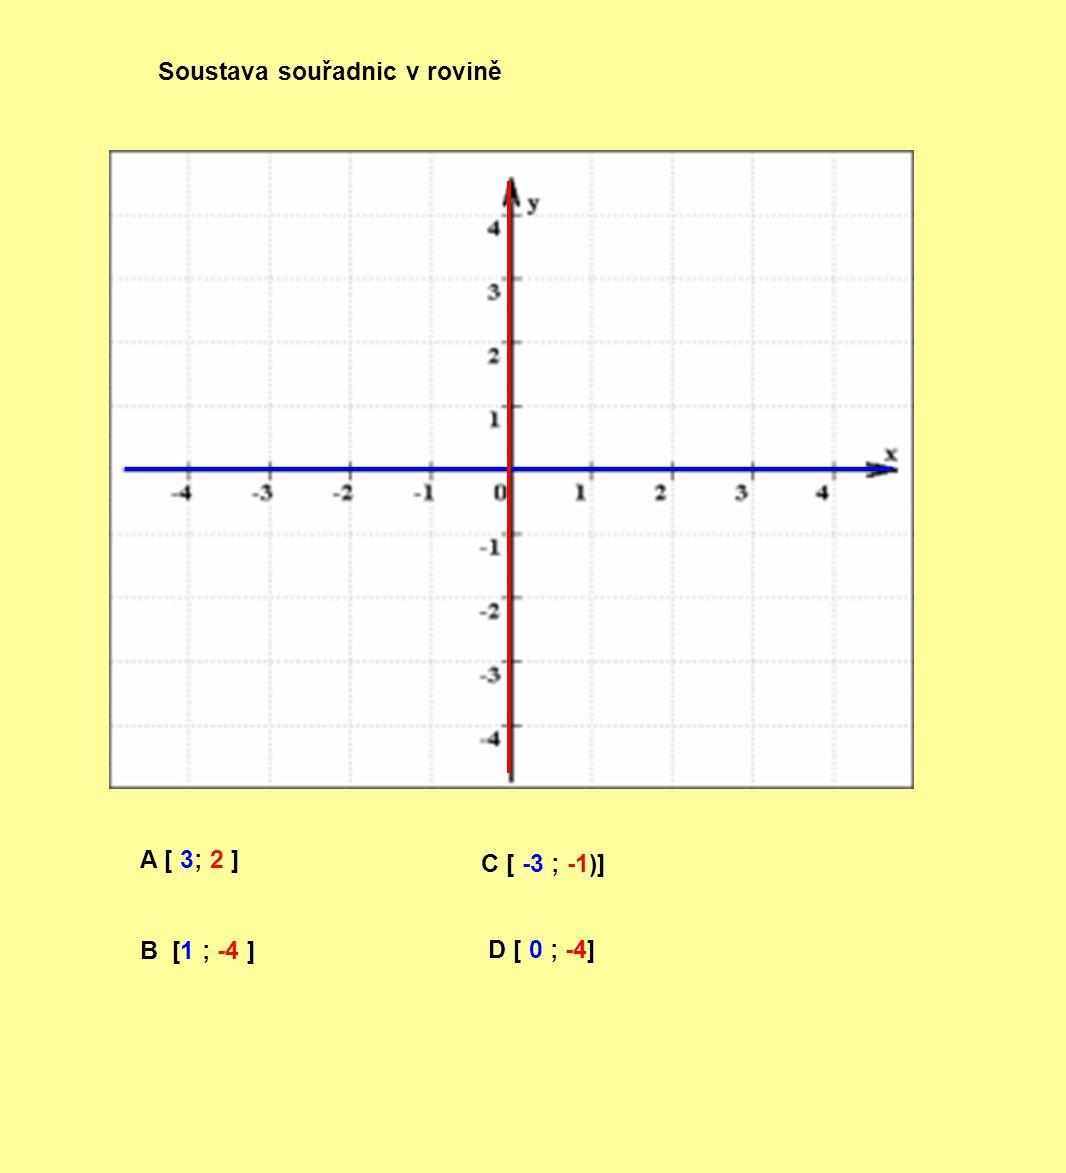 A [ 3; 2 ] B [1 ; -4 ] C [ -3 ; -1)] D [ 0 ; -4]